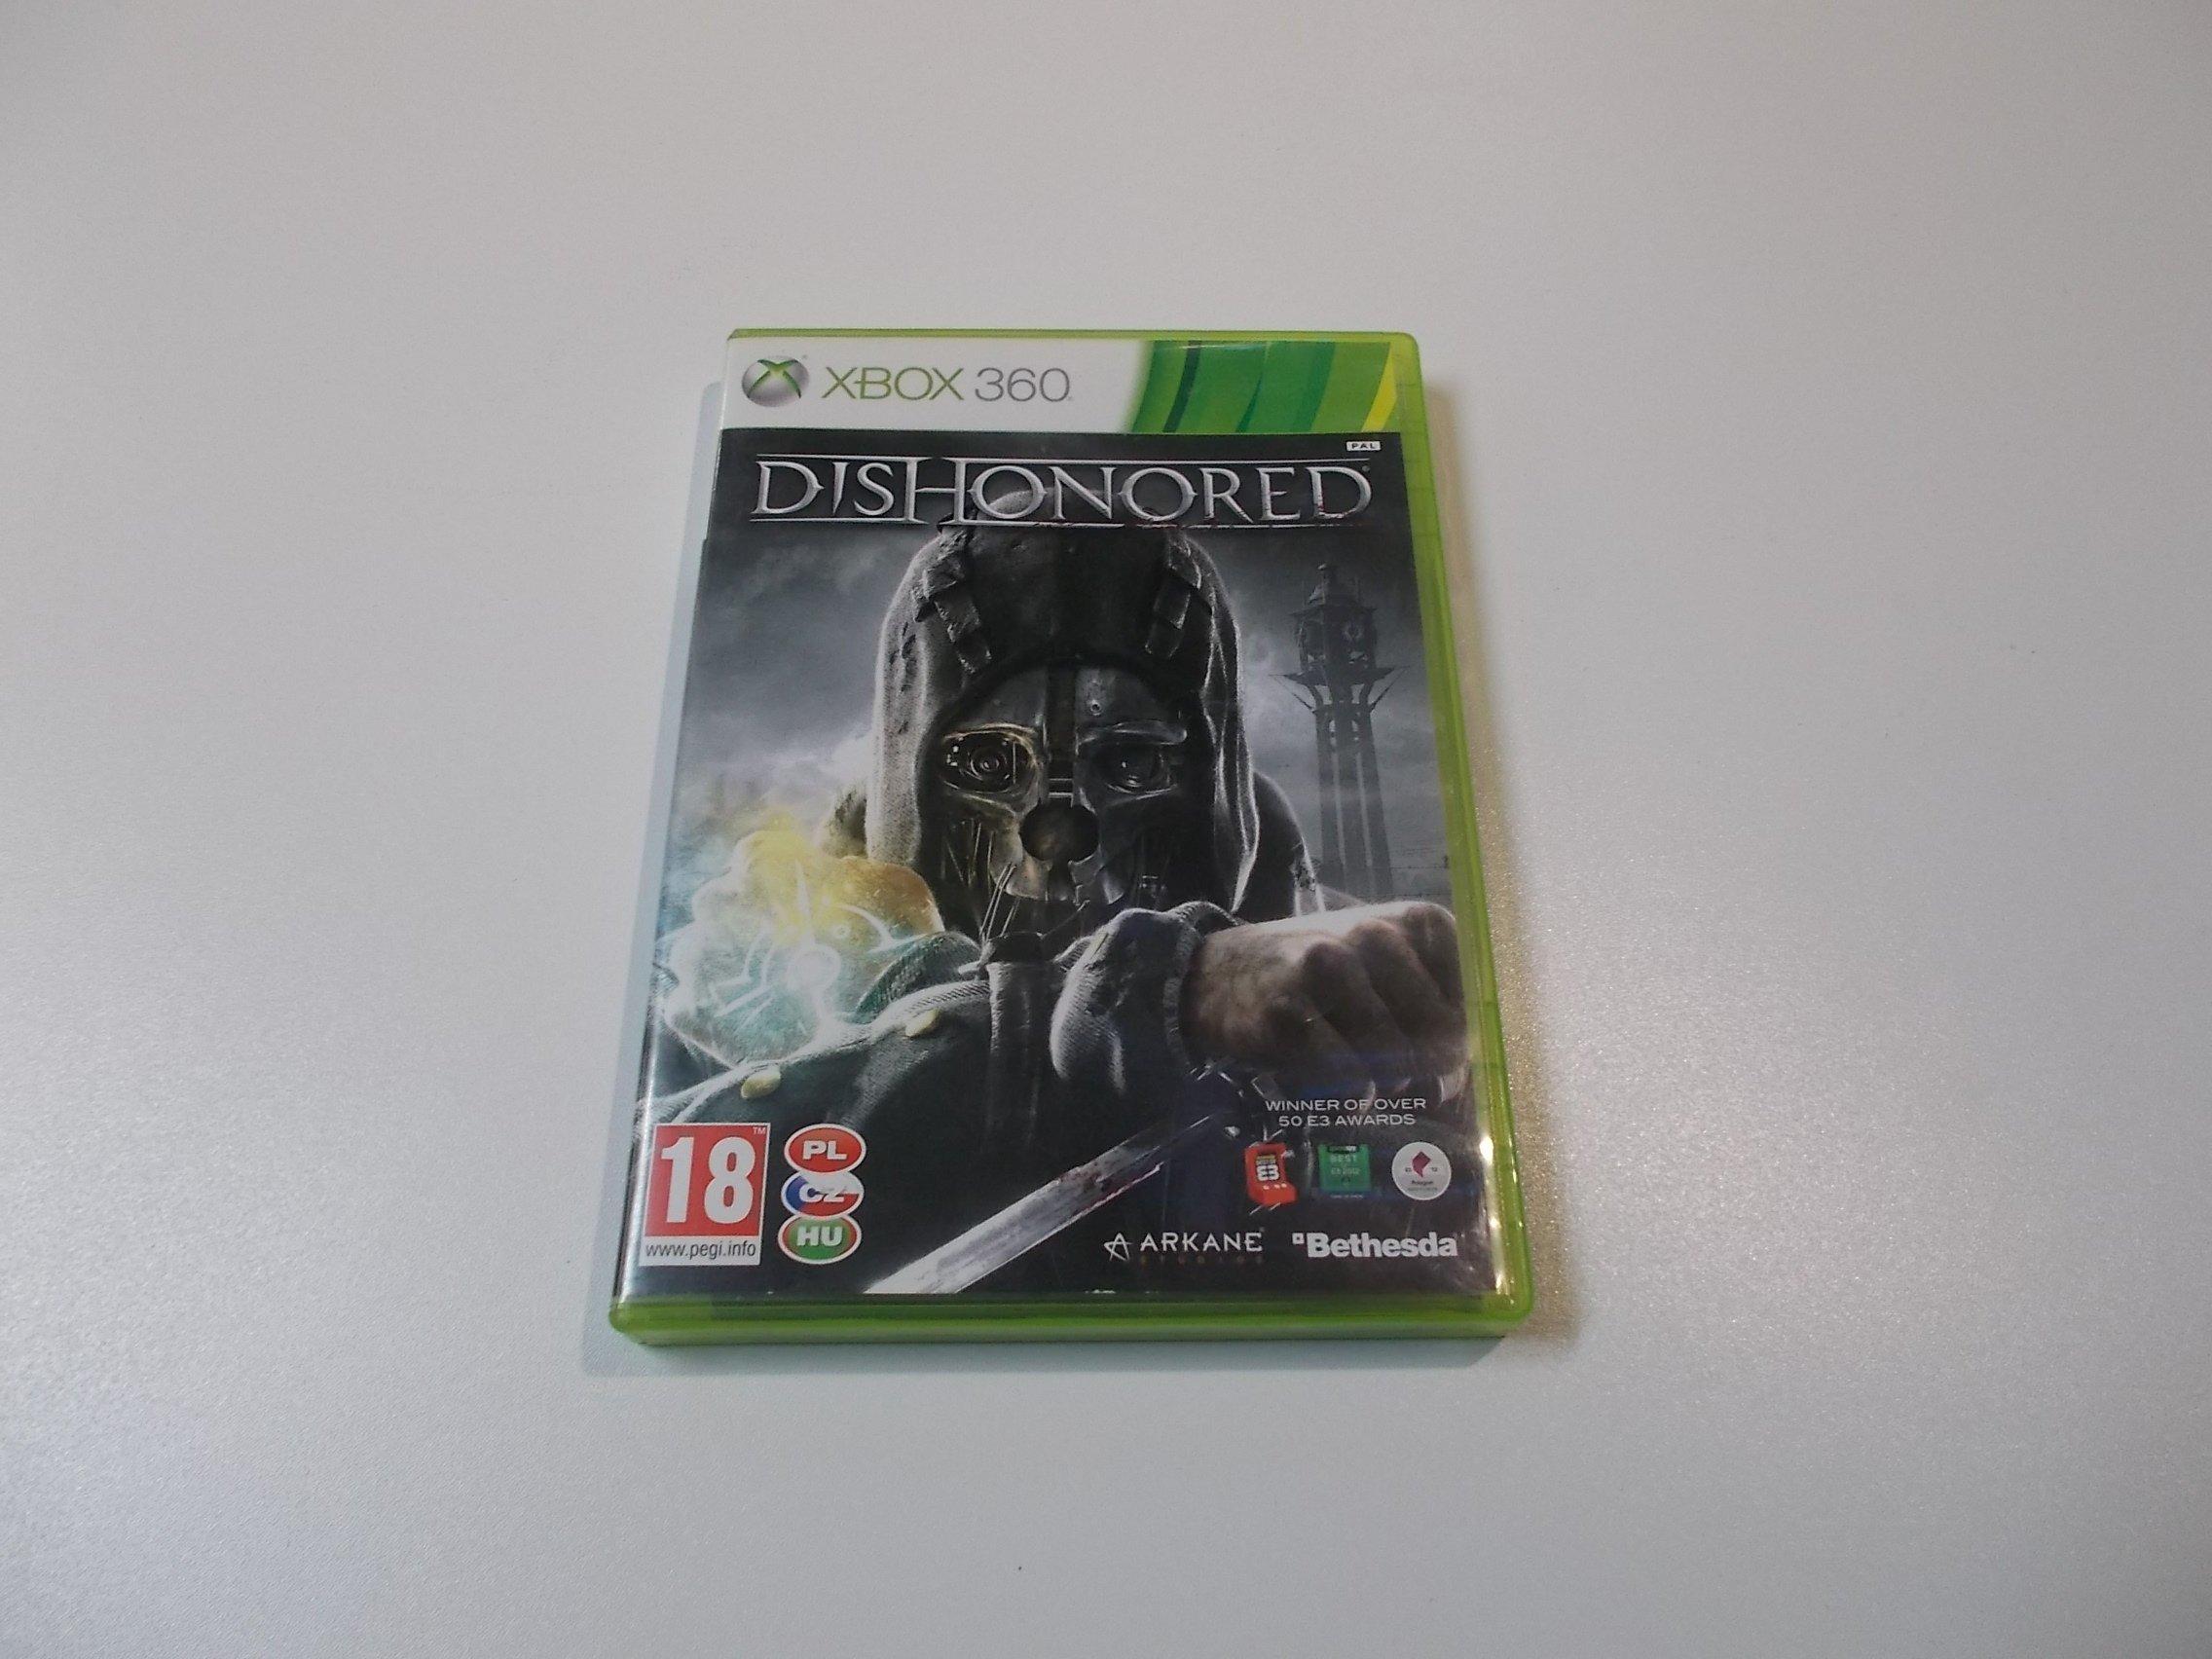 Dishonored - GRA Xbox 360 - Opole 0401